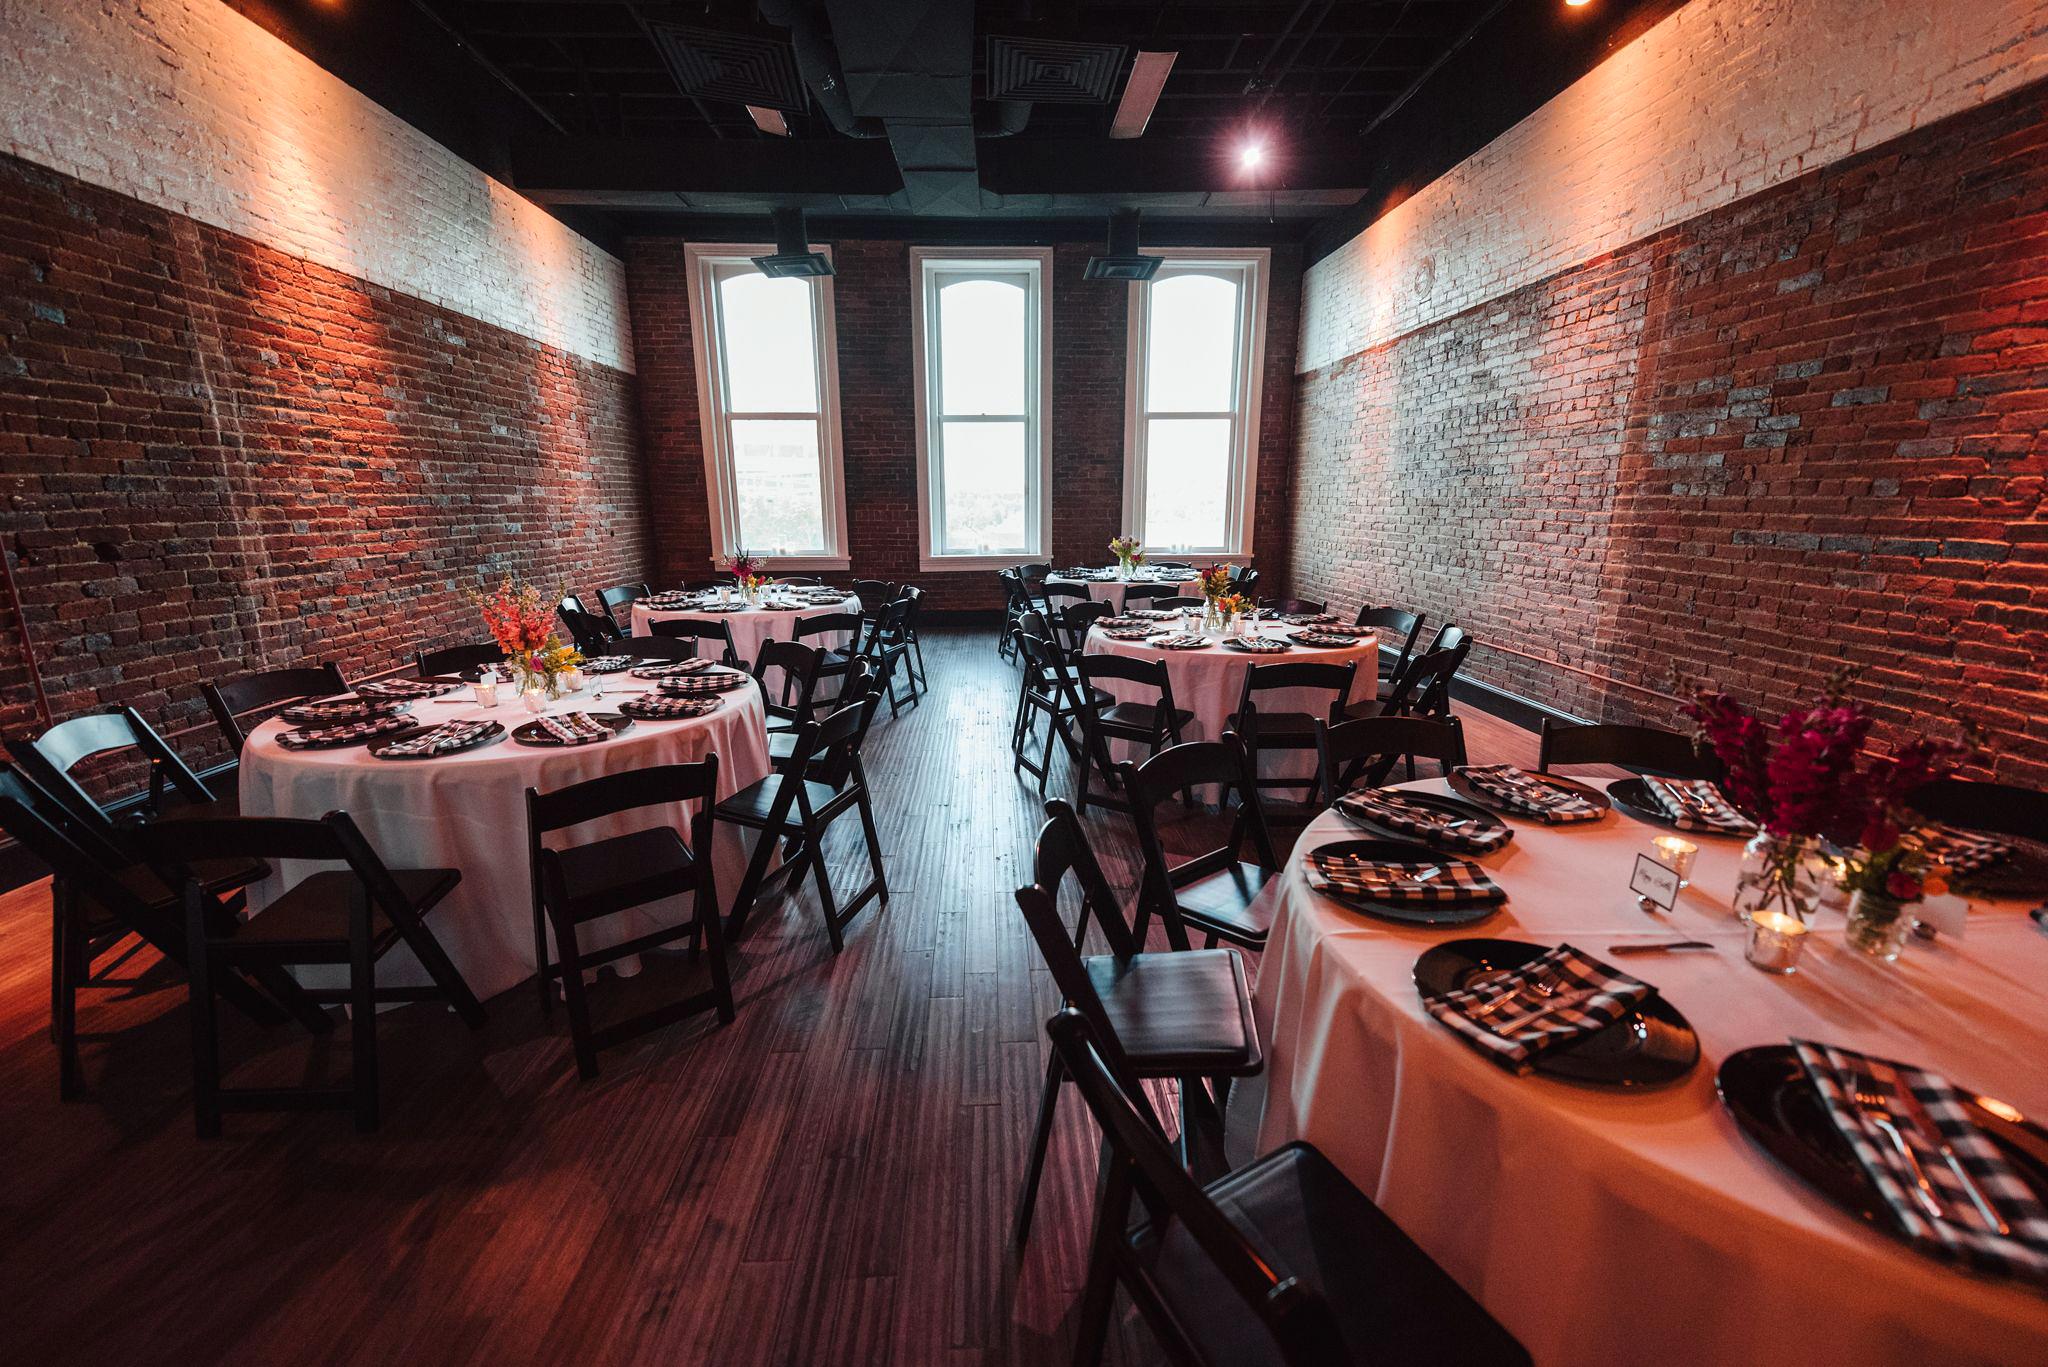 new venue restaurant indoor seating